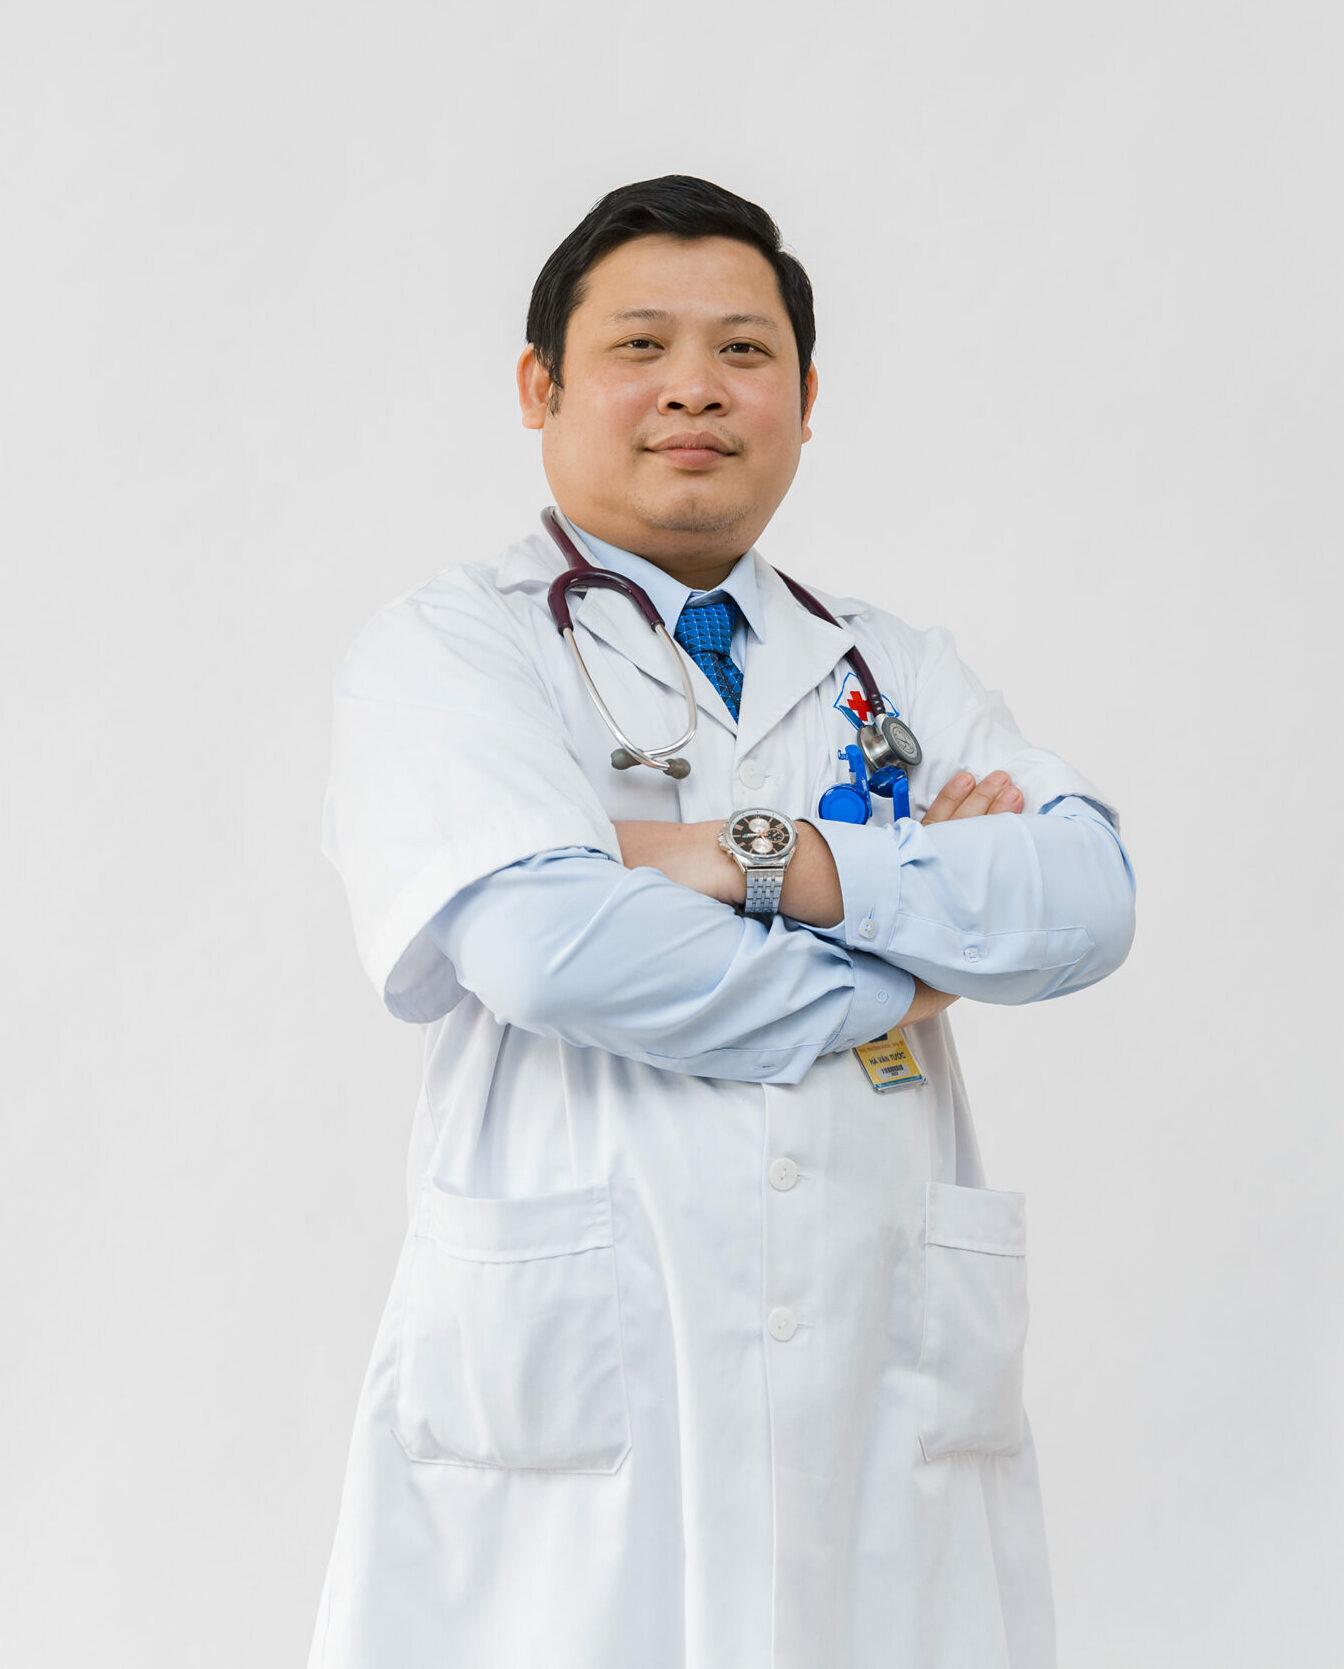 BS Hà Văn Tước